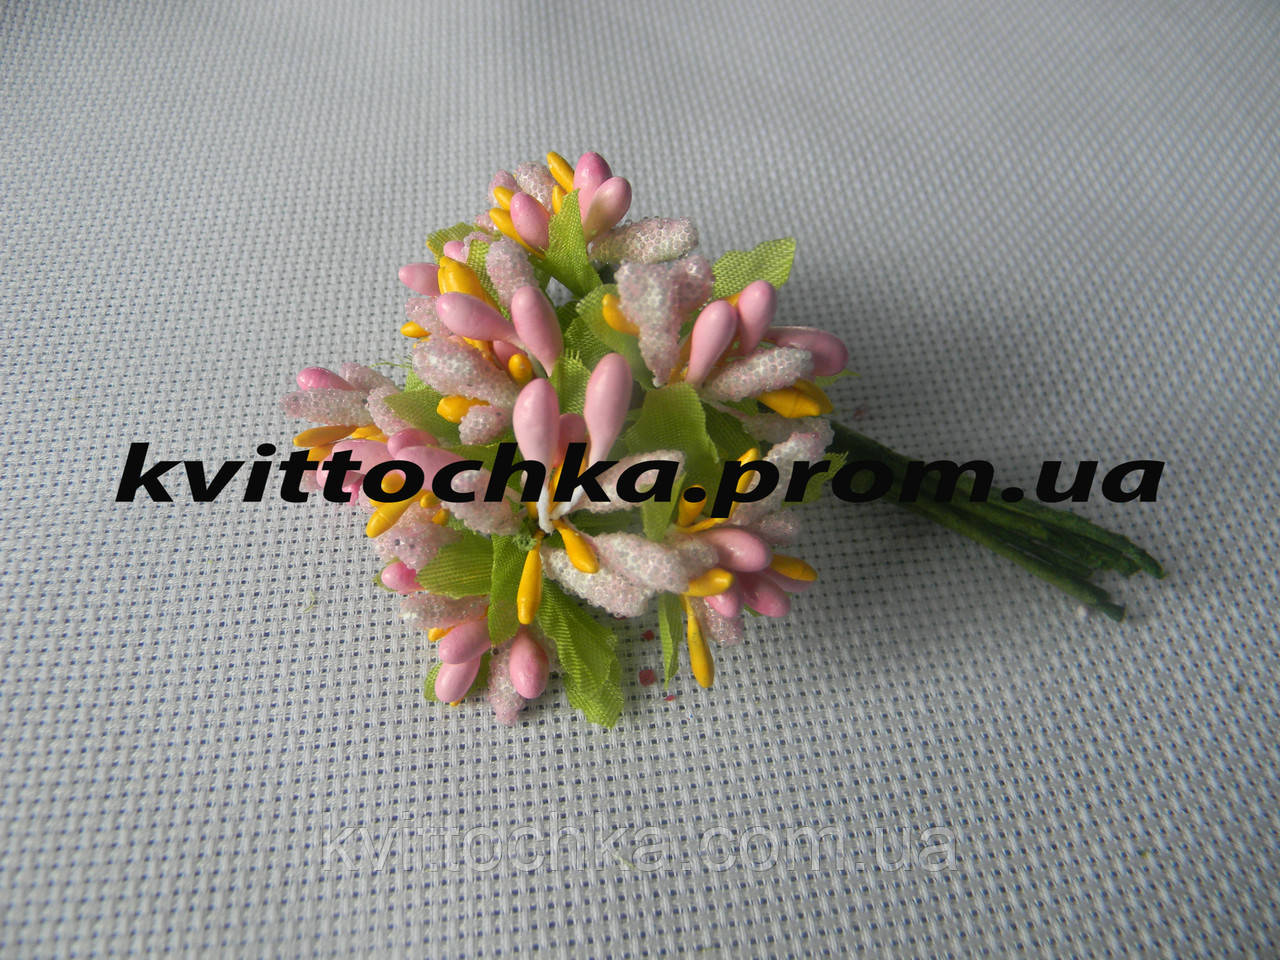 Соцветие тычинок цвет - розовый с жёлтым